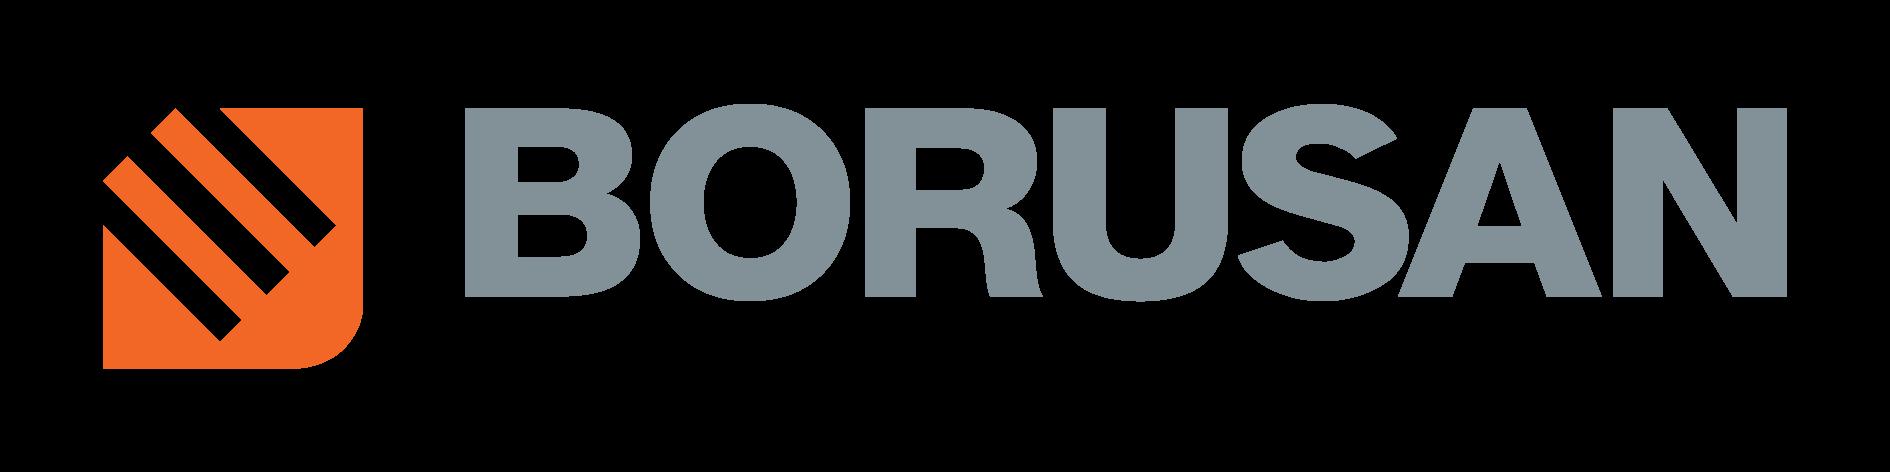 Borusan Grubu, Kreatif Ajansı Olarak TBWA Group İstanbul Bünyesinde Bulunan Çözüm'ü Seçti